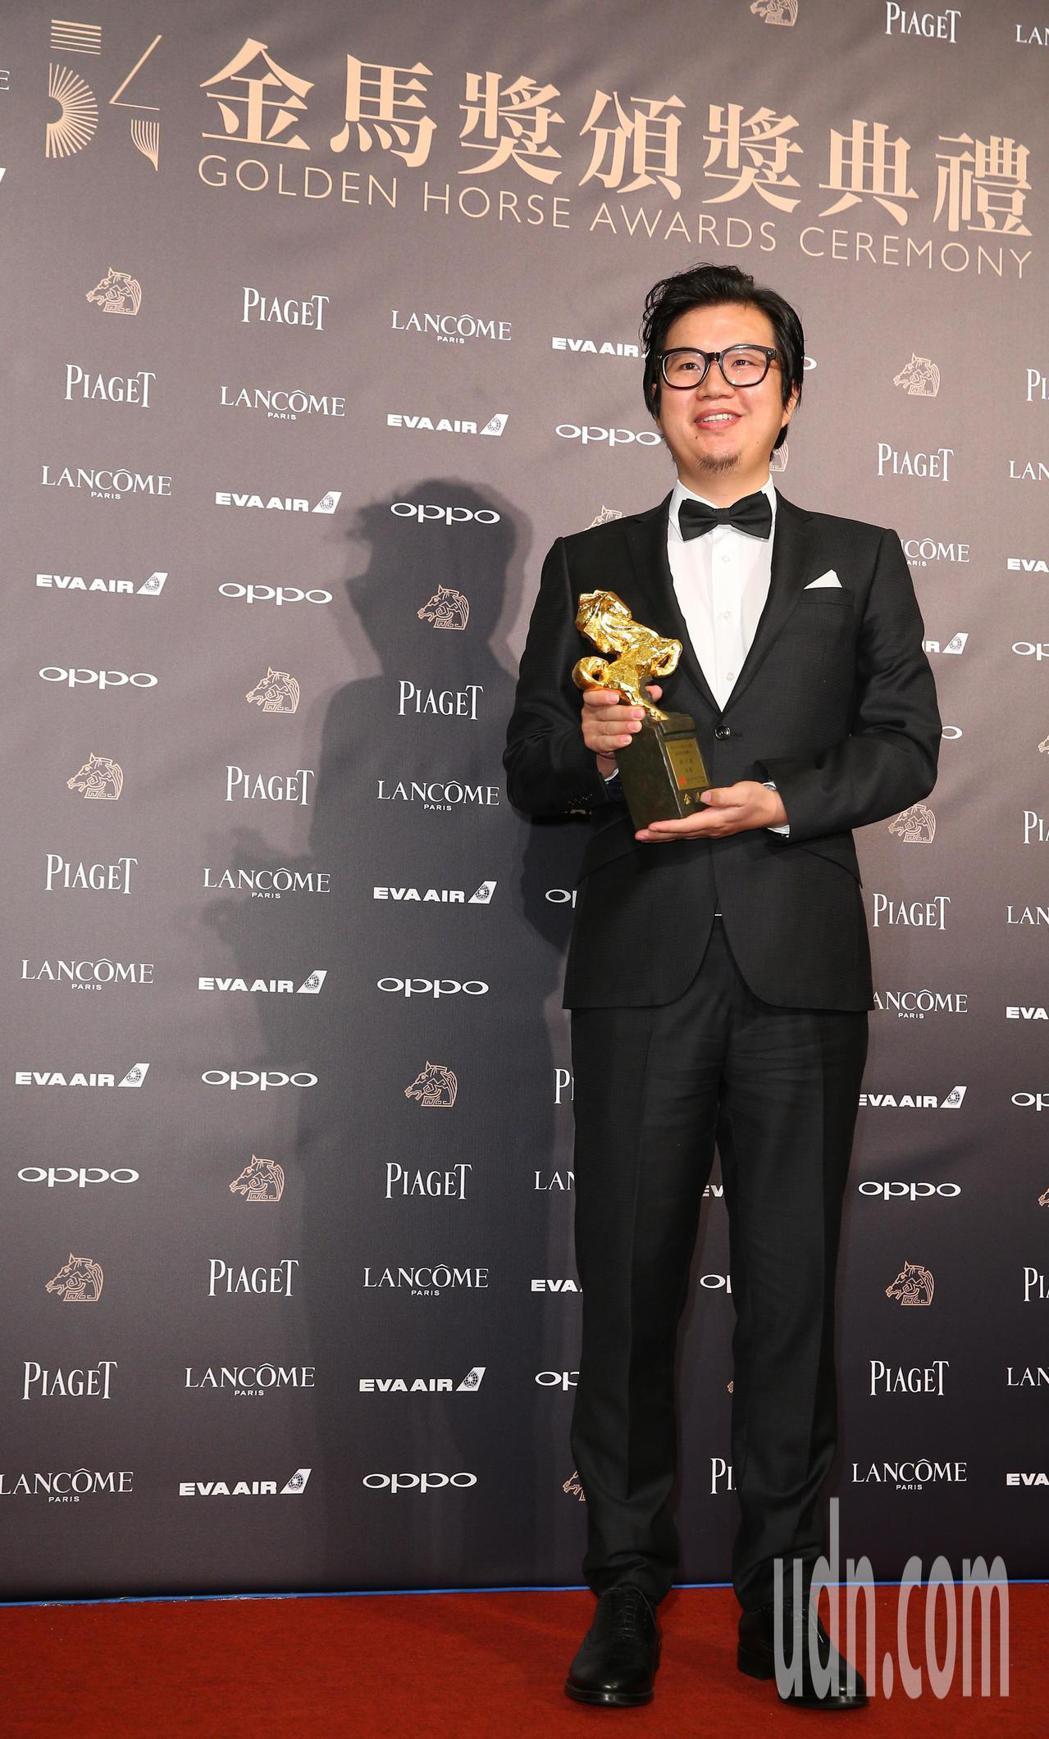 第五十四屆金馬獎最佳原著劇本獎,由《老獸》周子陽獲得。記者陳正興/攝影